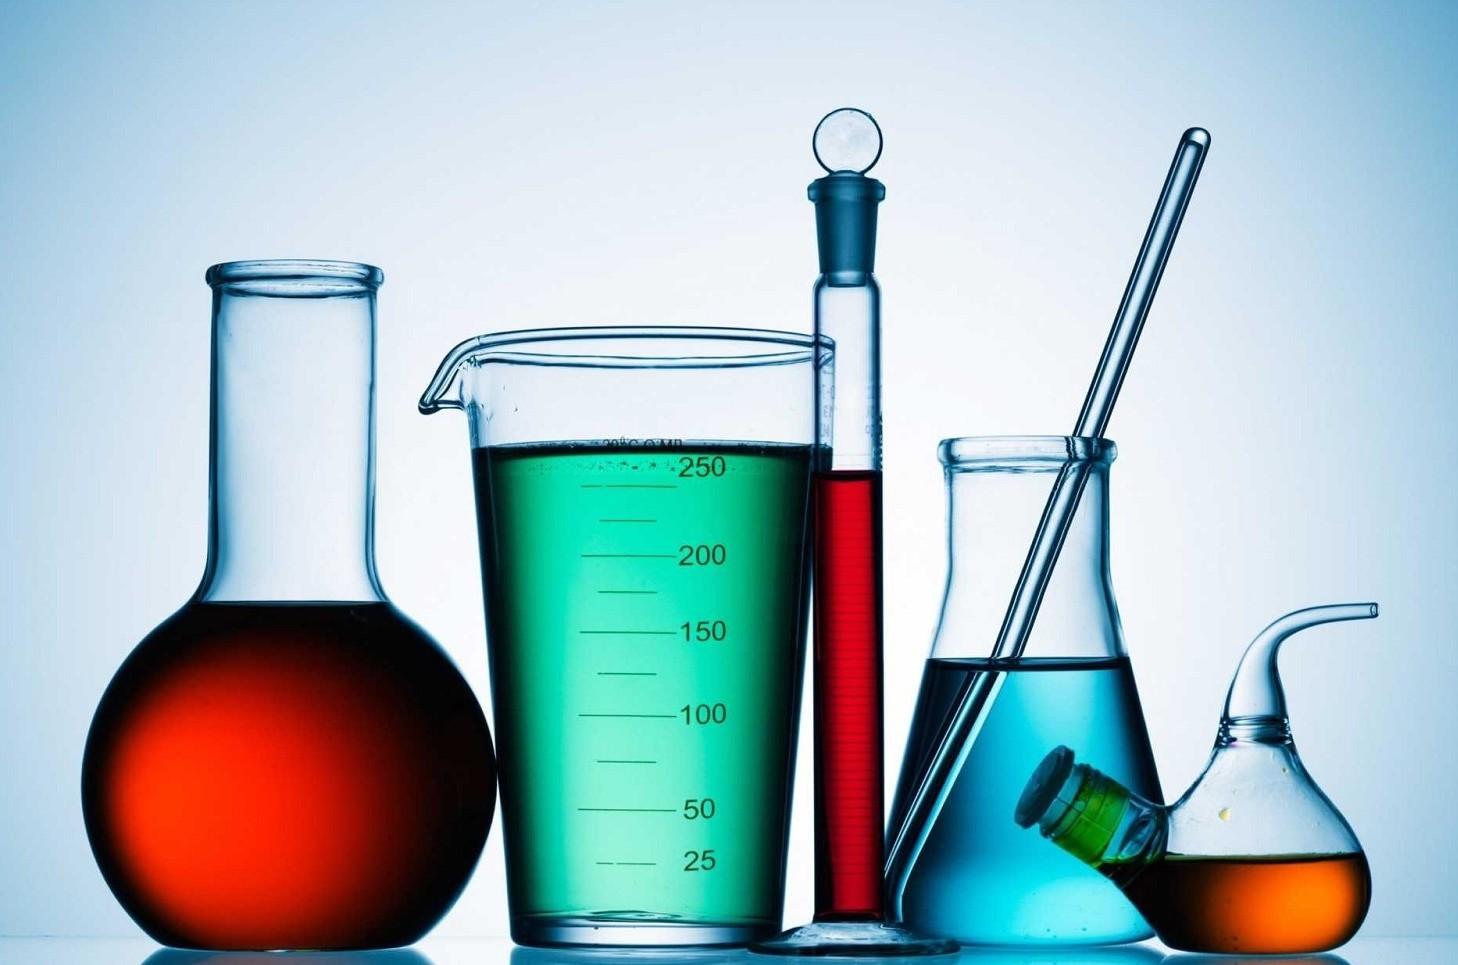 Contratto chimico 2020 busta paga. Come leggere le voci